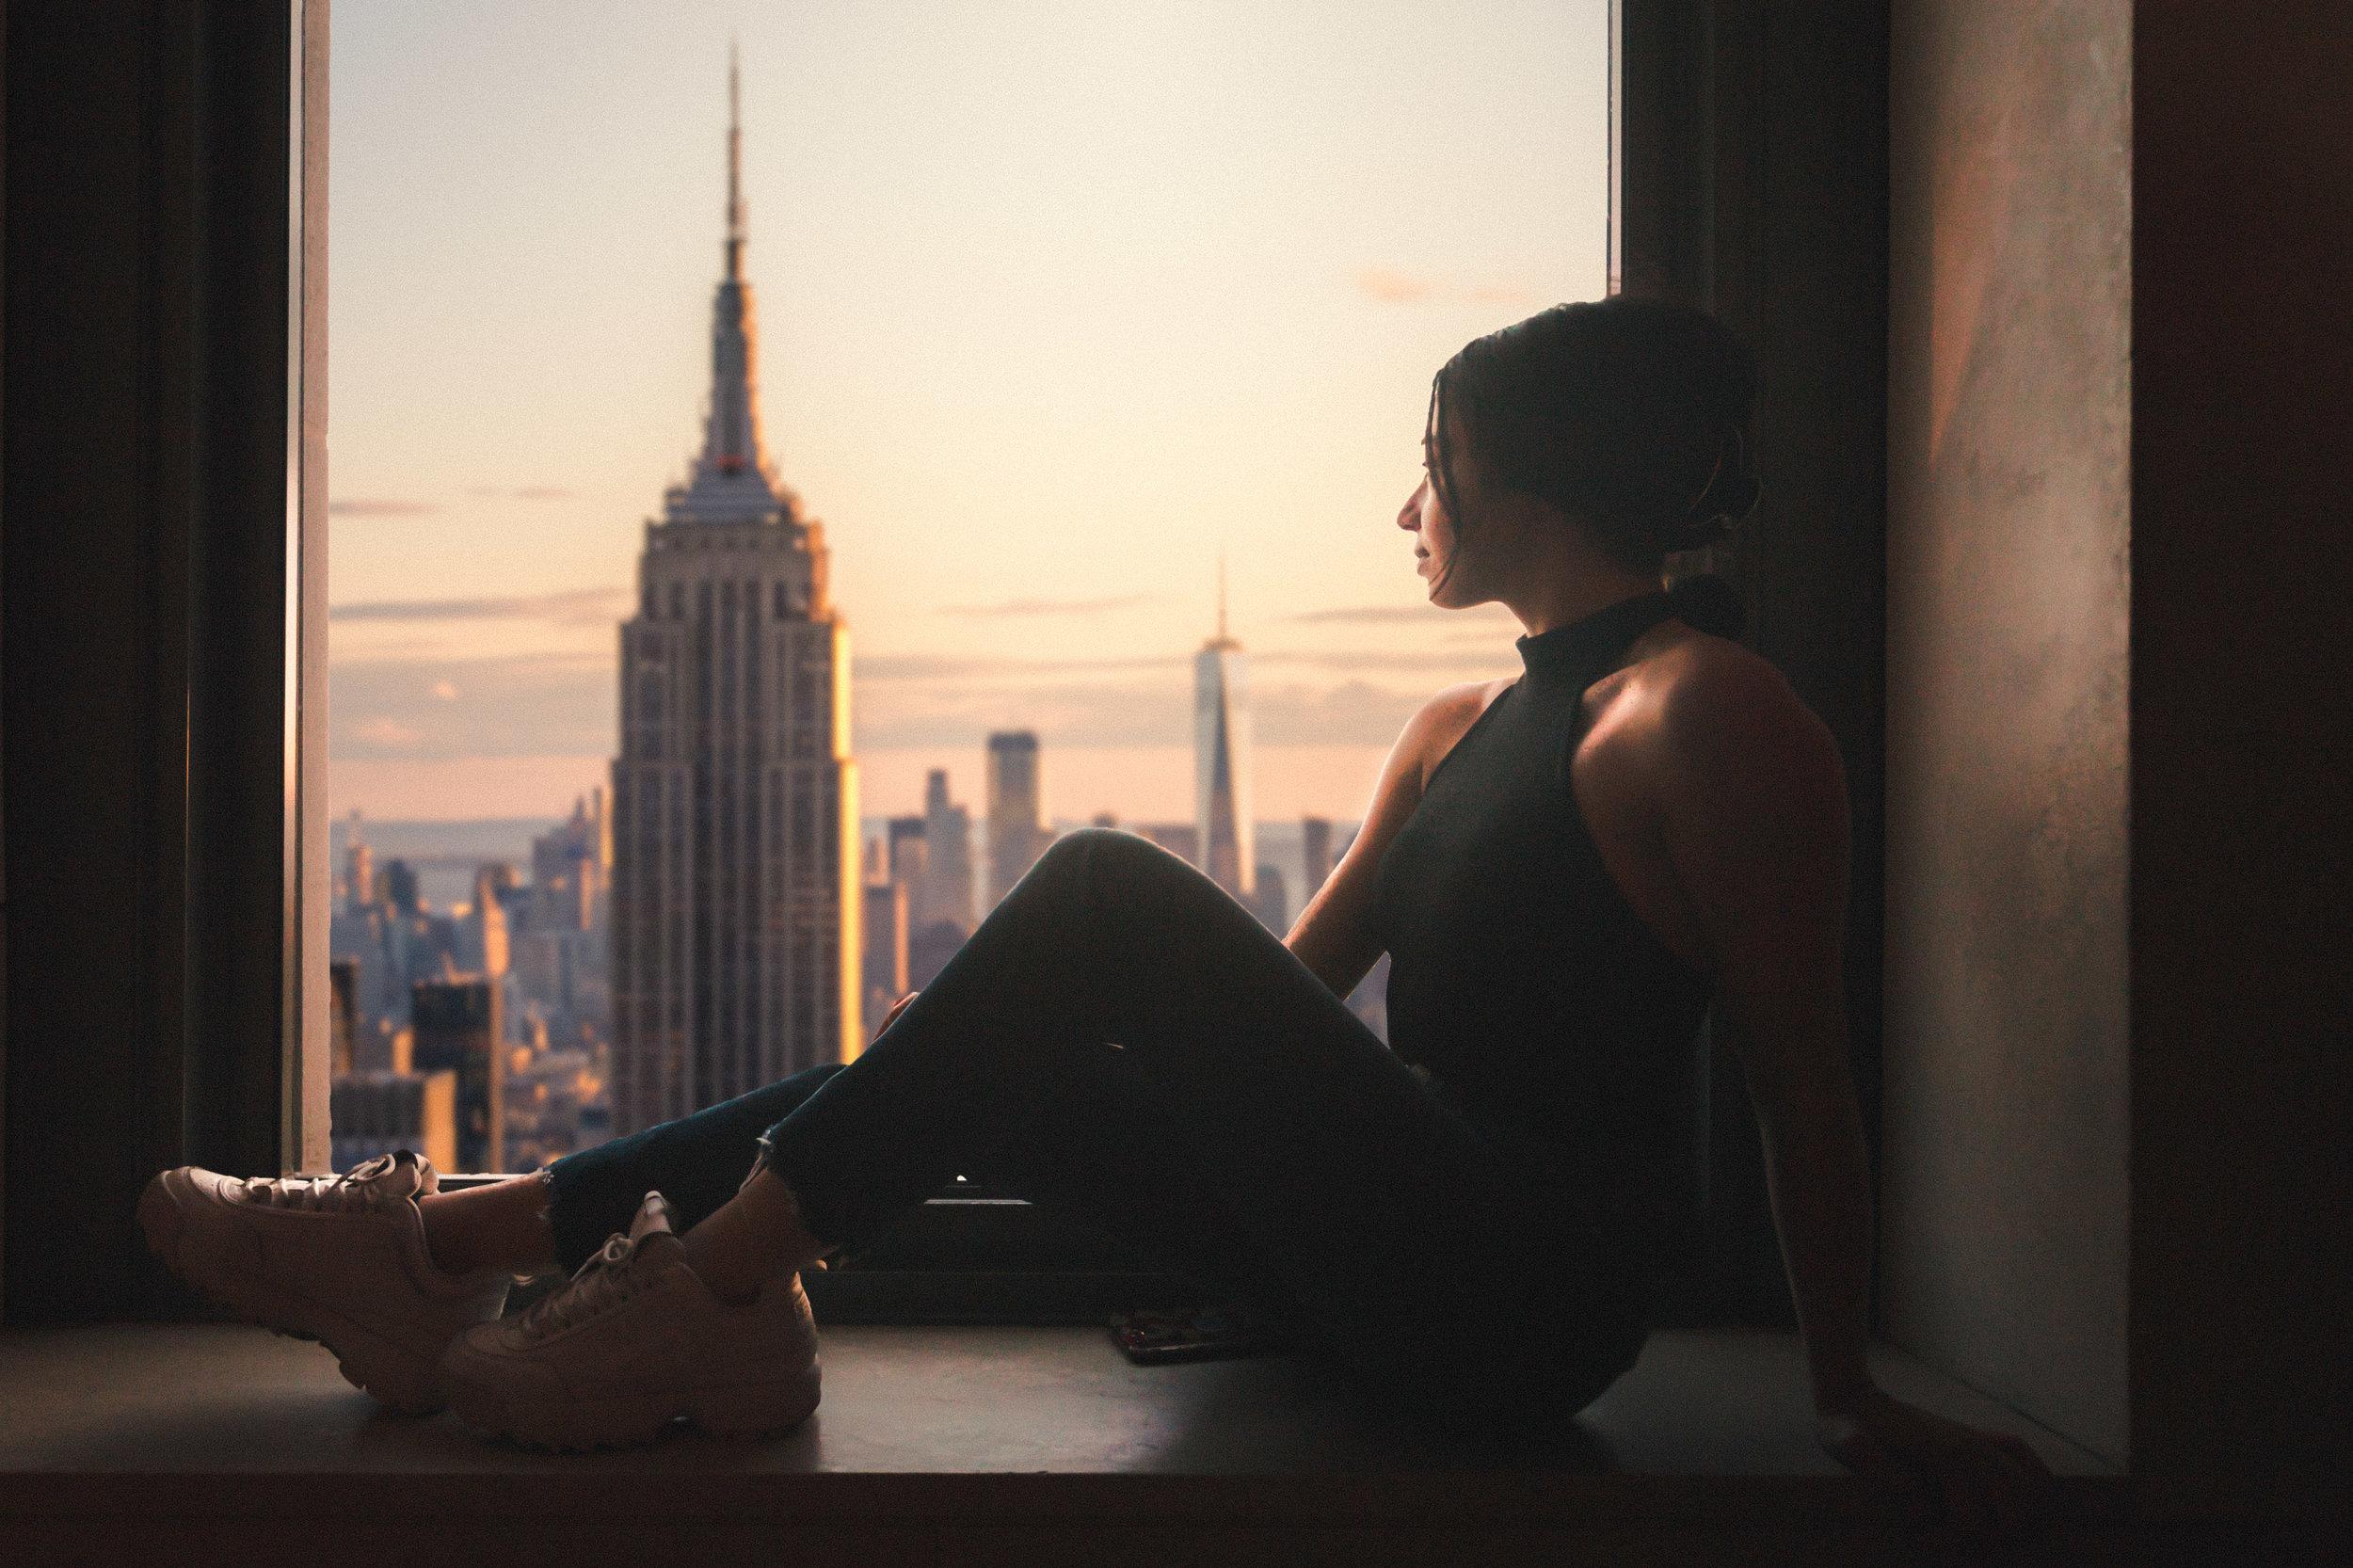 Lana in Window.jpg